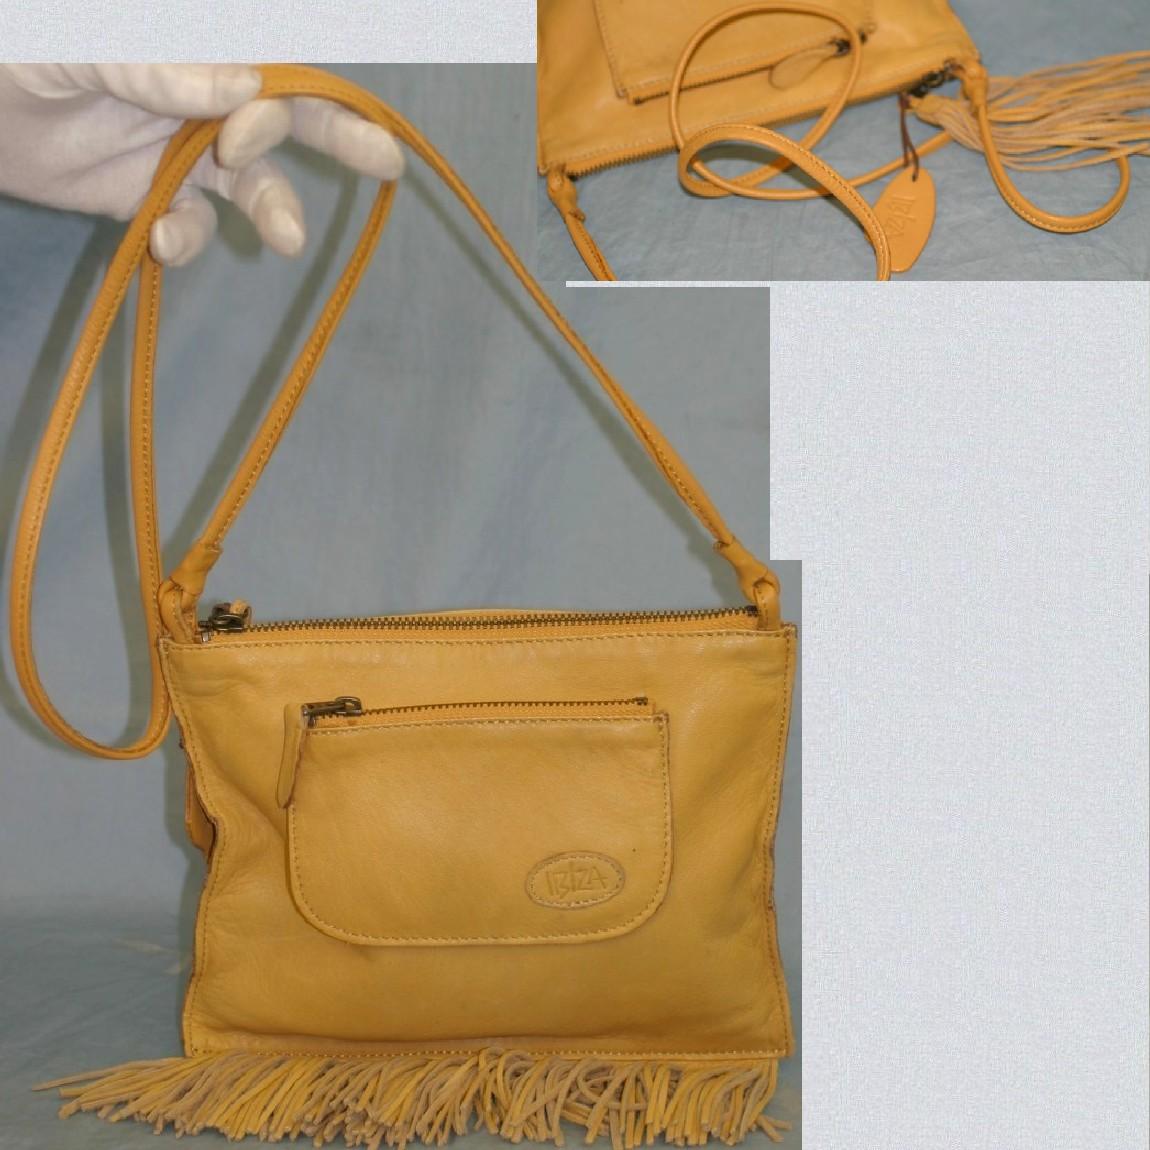 【中古】本物美品イビザ女性用22センチ可愛い黄色マチなしショルダ-ポ-チ